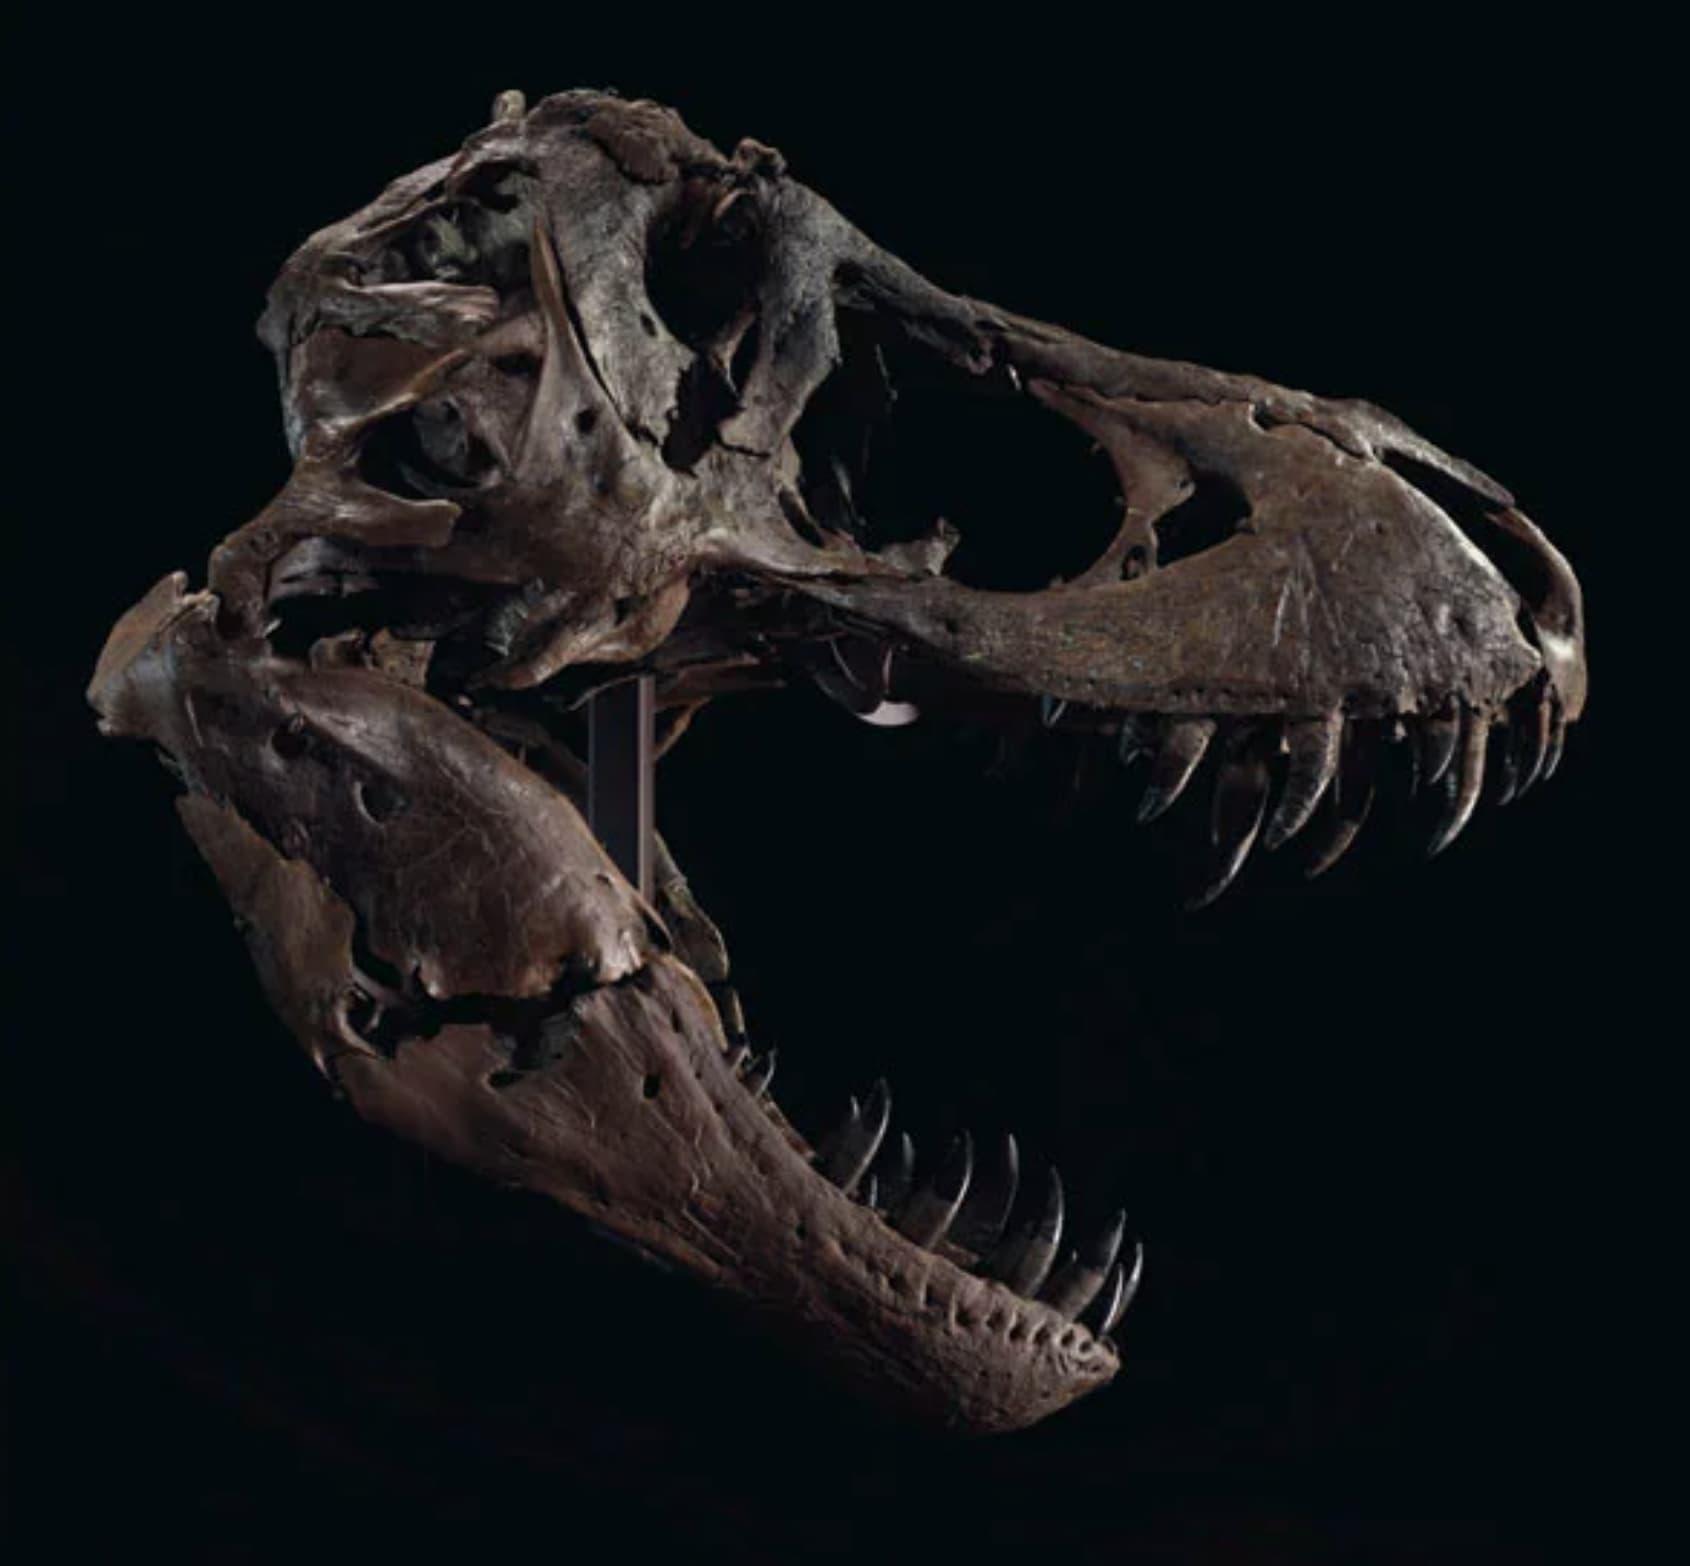 Crânio do Stan é tão pesado que uma réplica é usada quando o fóssil está à mostra, enquanto o crânio original é mantido em um local para observação. Crédito: Christie's